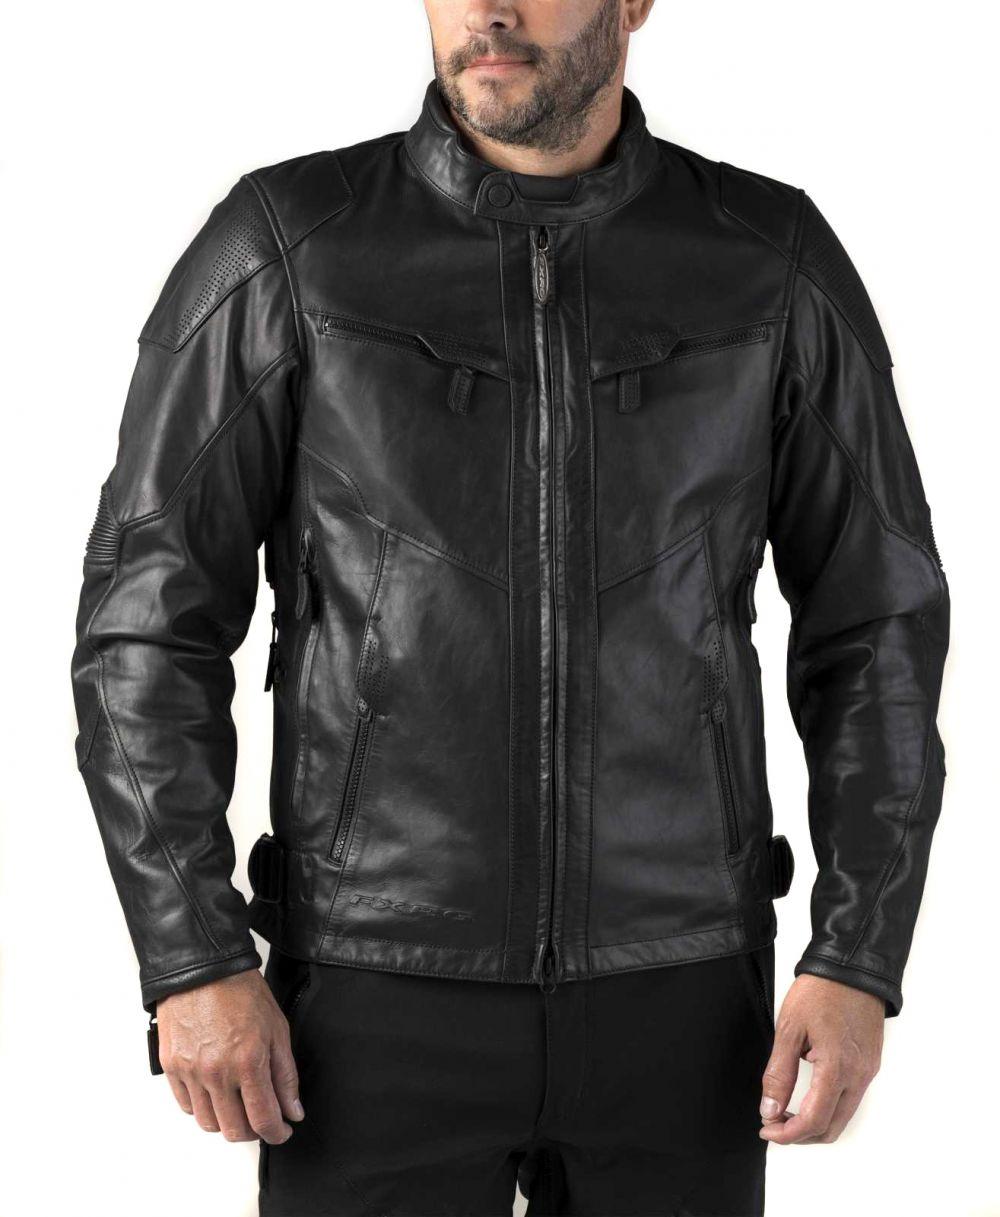 Куртка чоловіча FXRG розмір XL Шкіра Куртки купити Київ d4bfd4efaa649